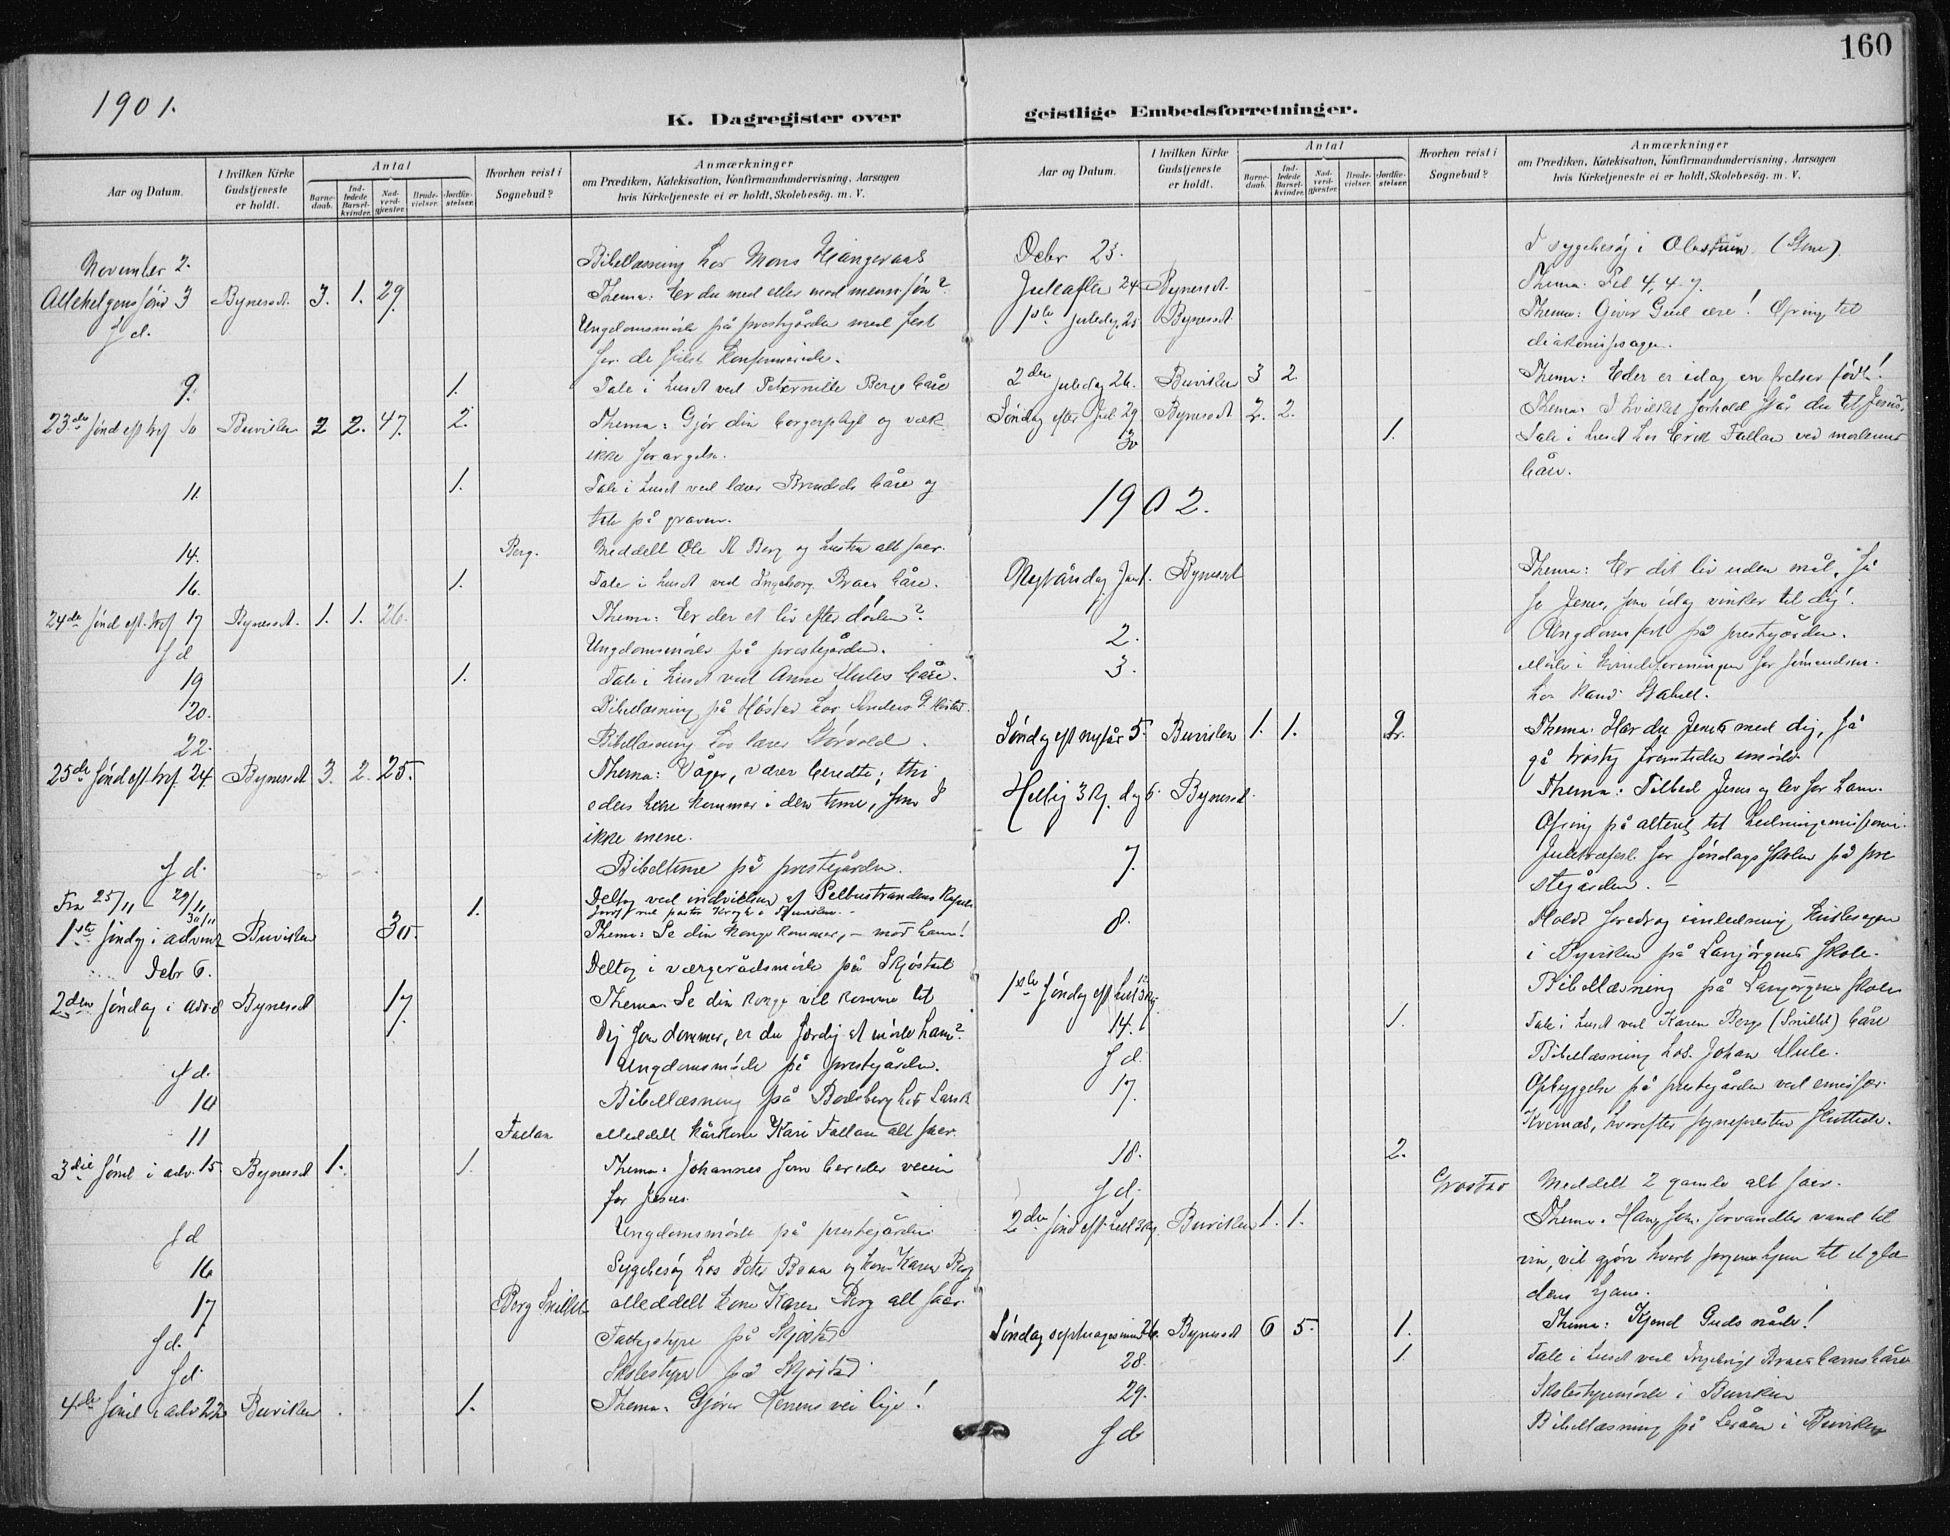 SAT, Ministerialprotokoller, klokkerbøker og fødselsregistre - Sør-Trøndelag, 612/L0380: Ministerialbok nr. 612A12, 1898-1907, s. 160